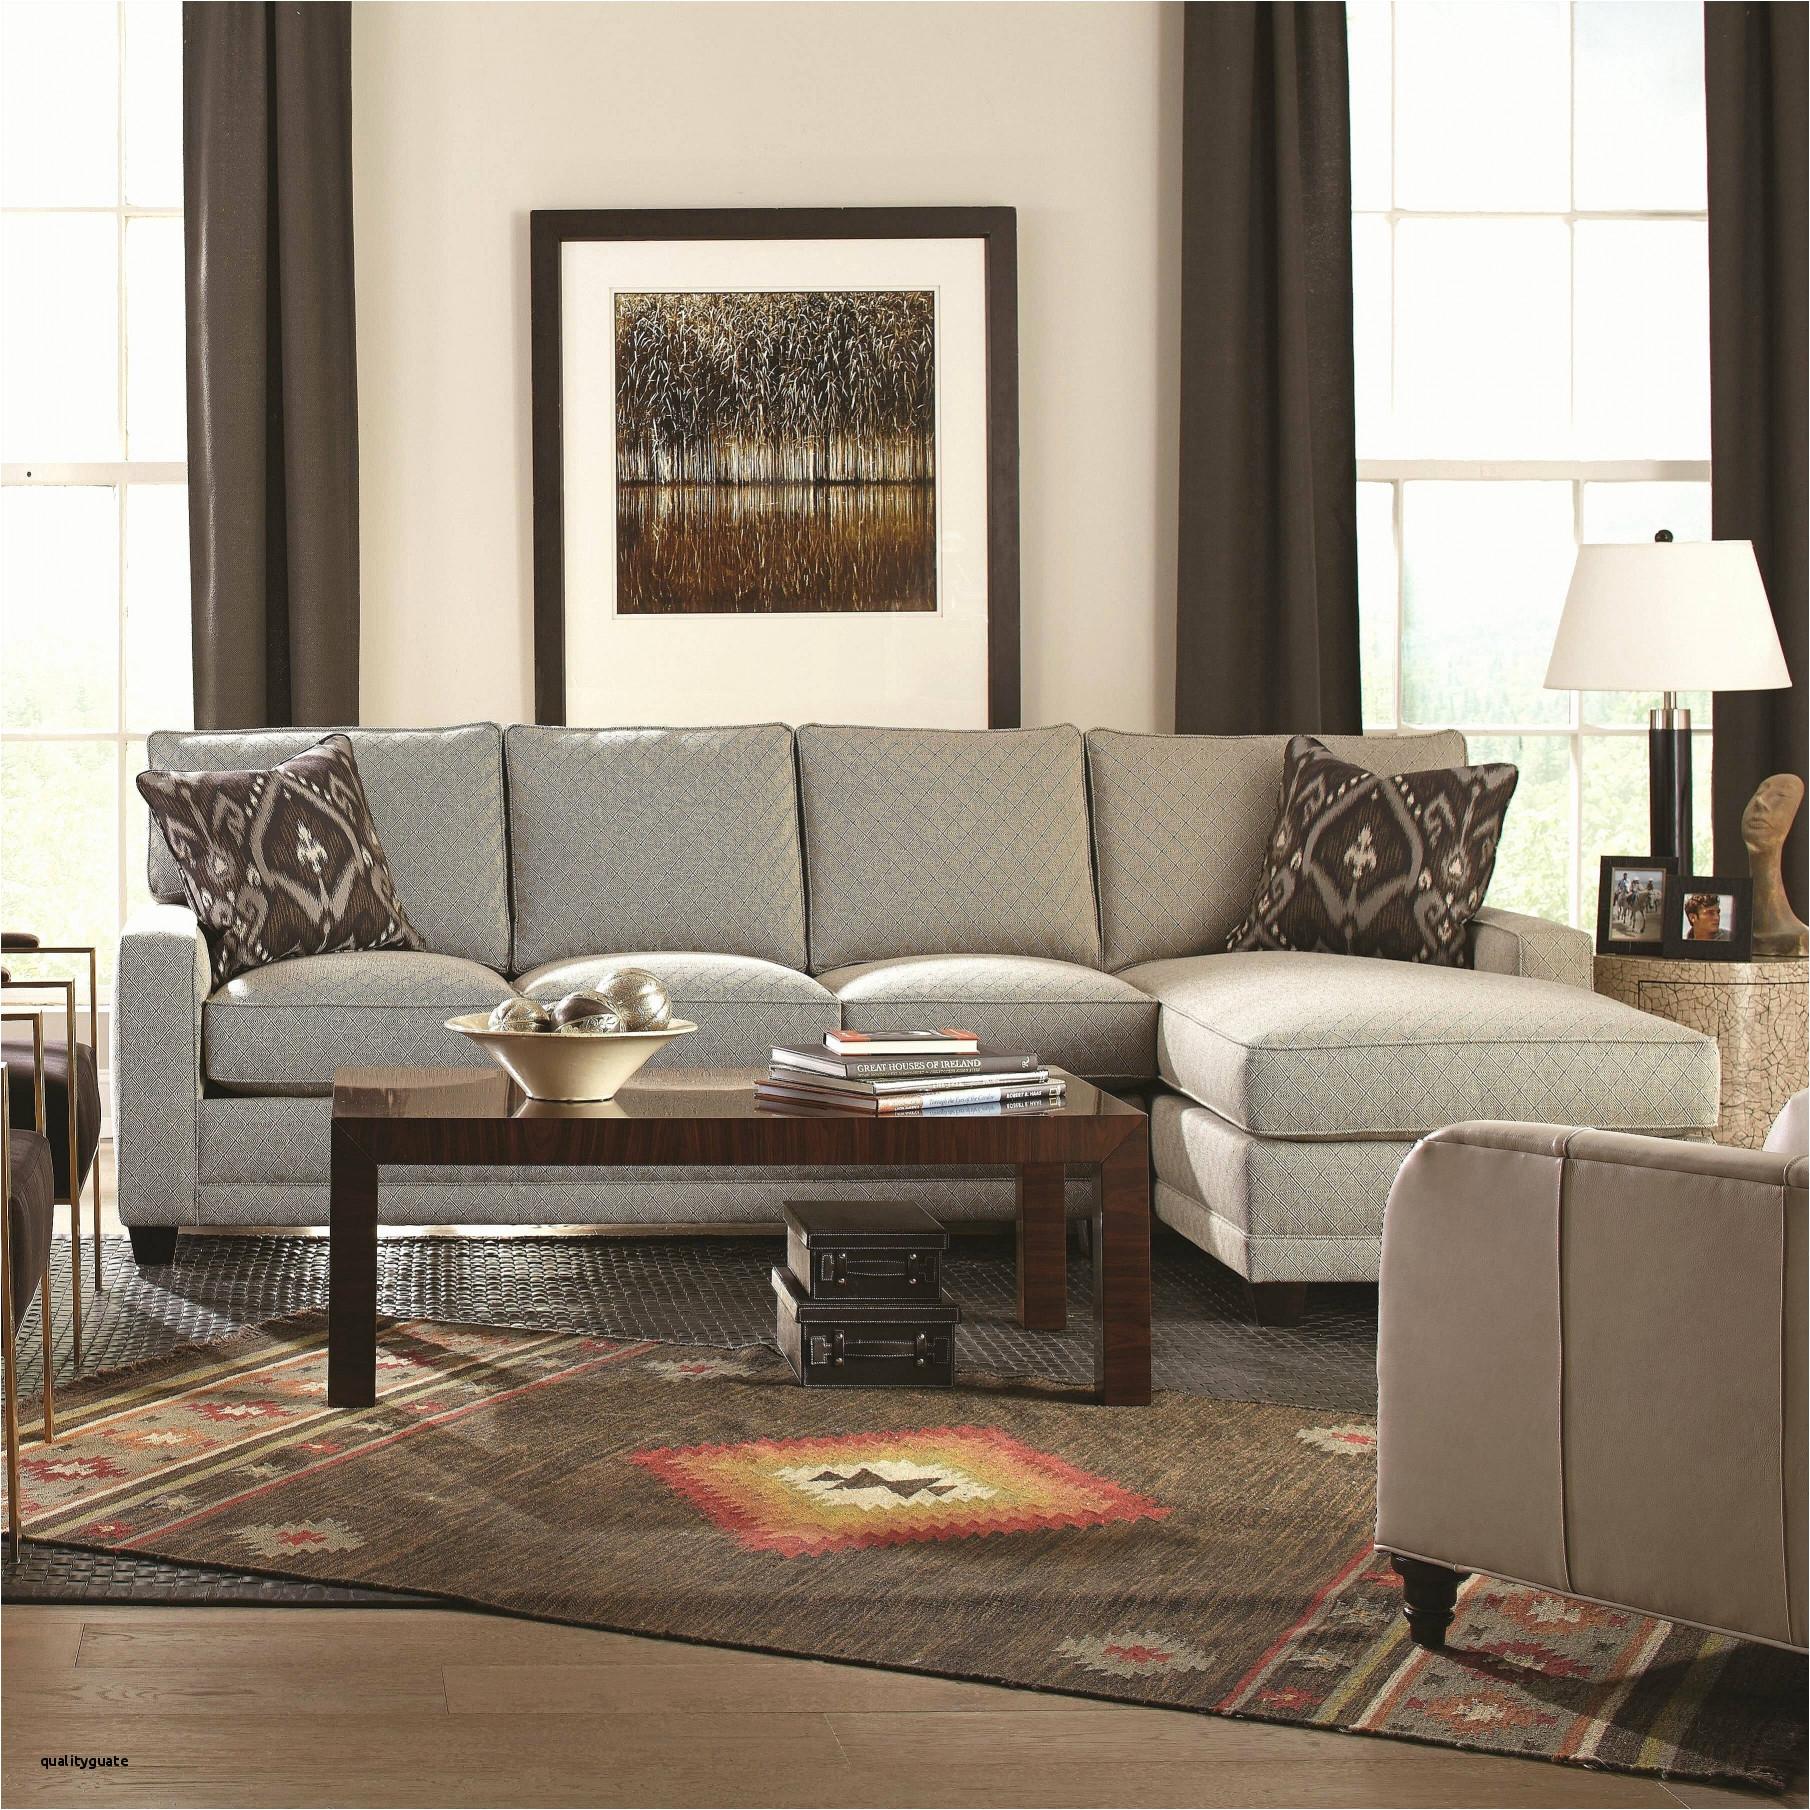 Companies that Buy Furniture 26 Cute Bargain Furniture Portrait